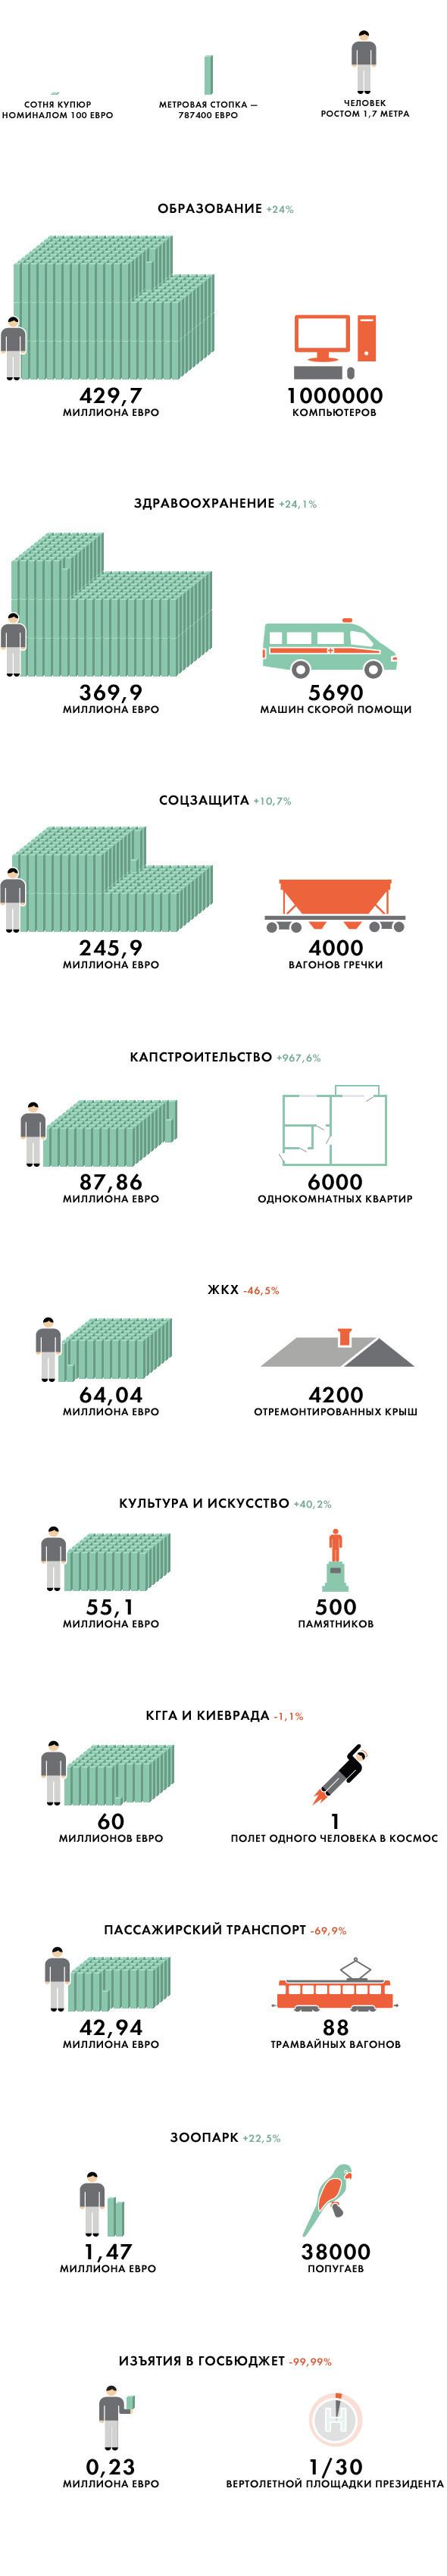 Бюджетный вариант: Что мог бы купить Киев на 16,4 миллиарда гривен. Изображение №2.